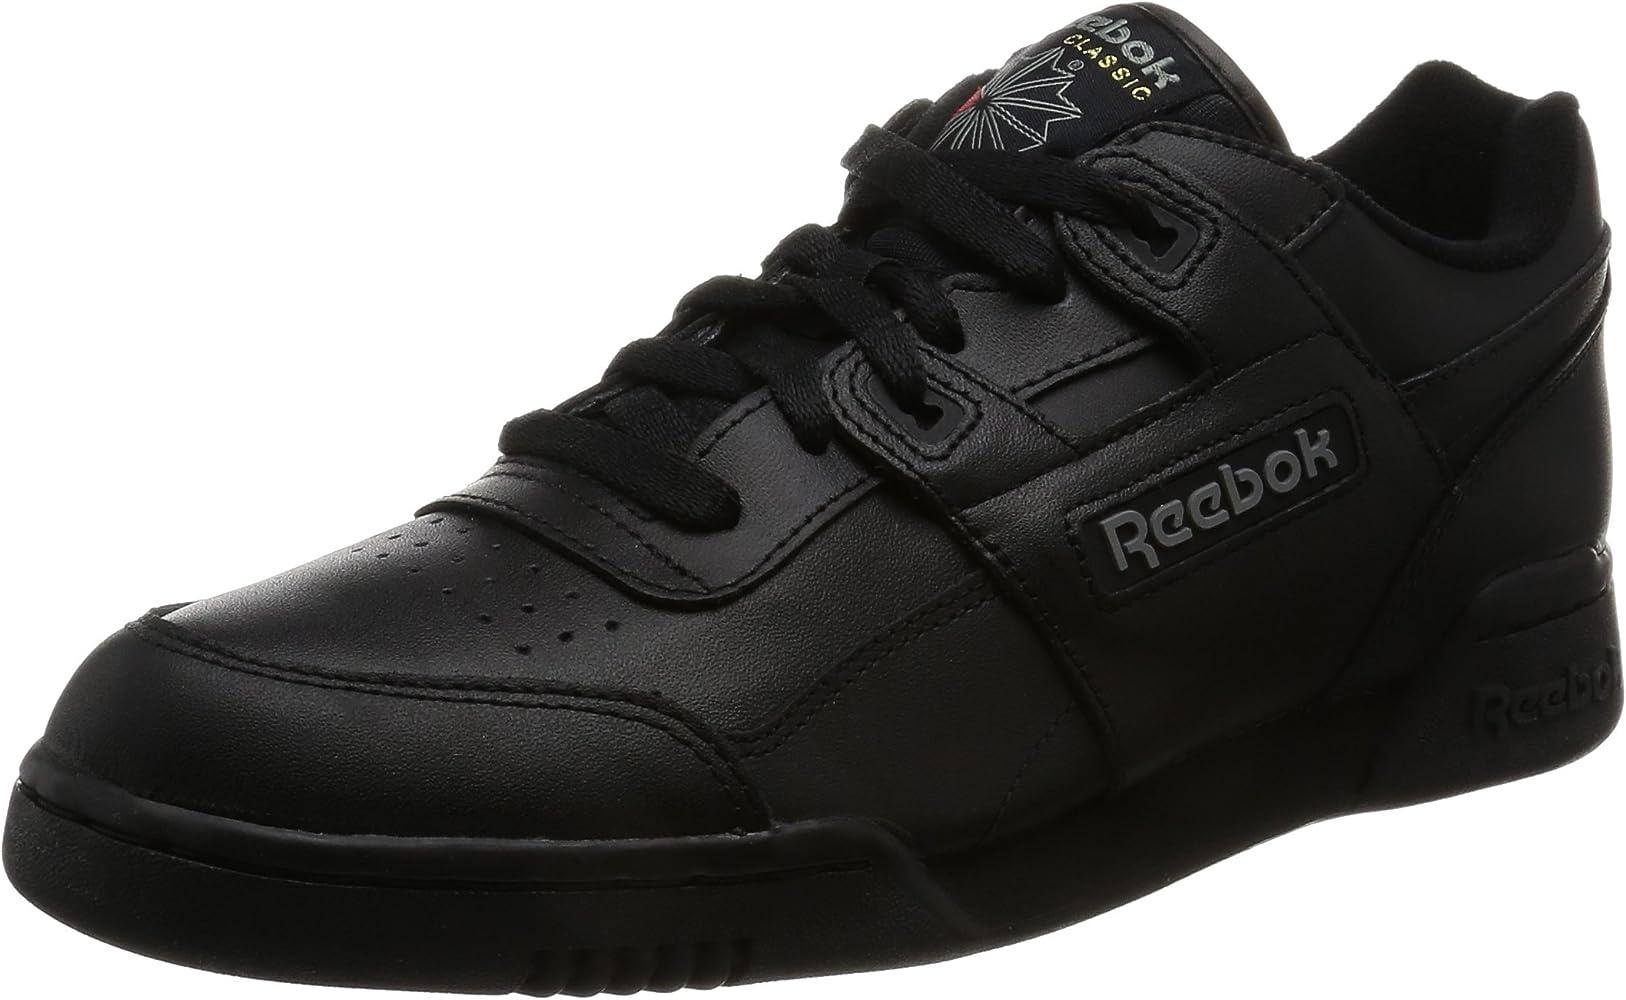 calidad de marca clásico tienda del reino unido Reebok Workout Plus, Zapatillas de Deporte para Hombre